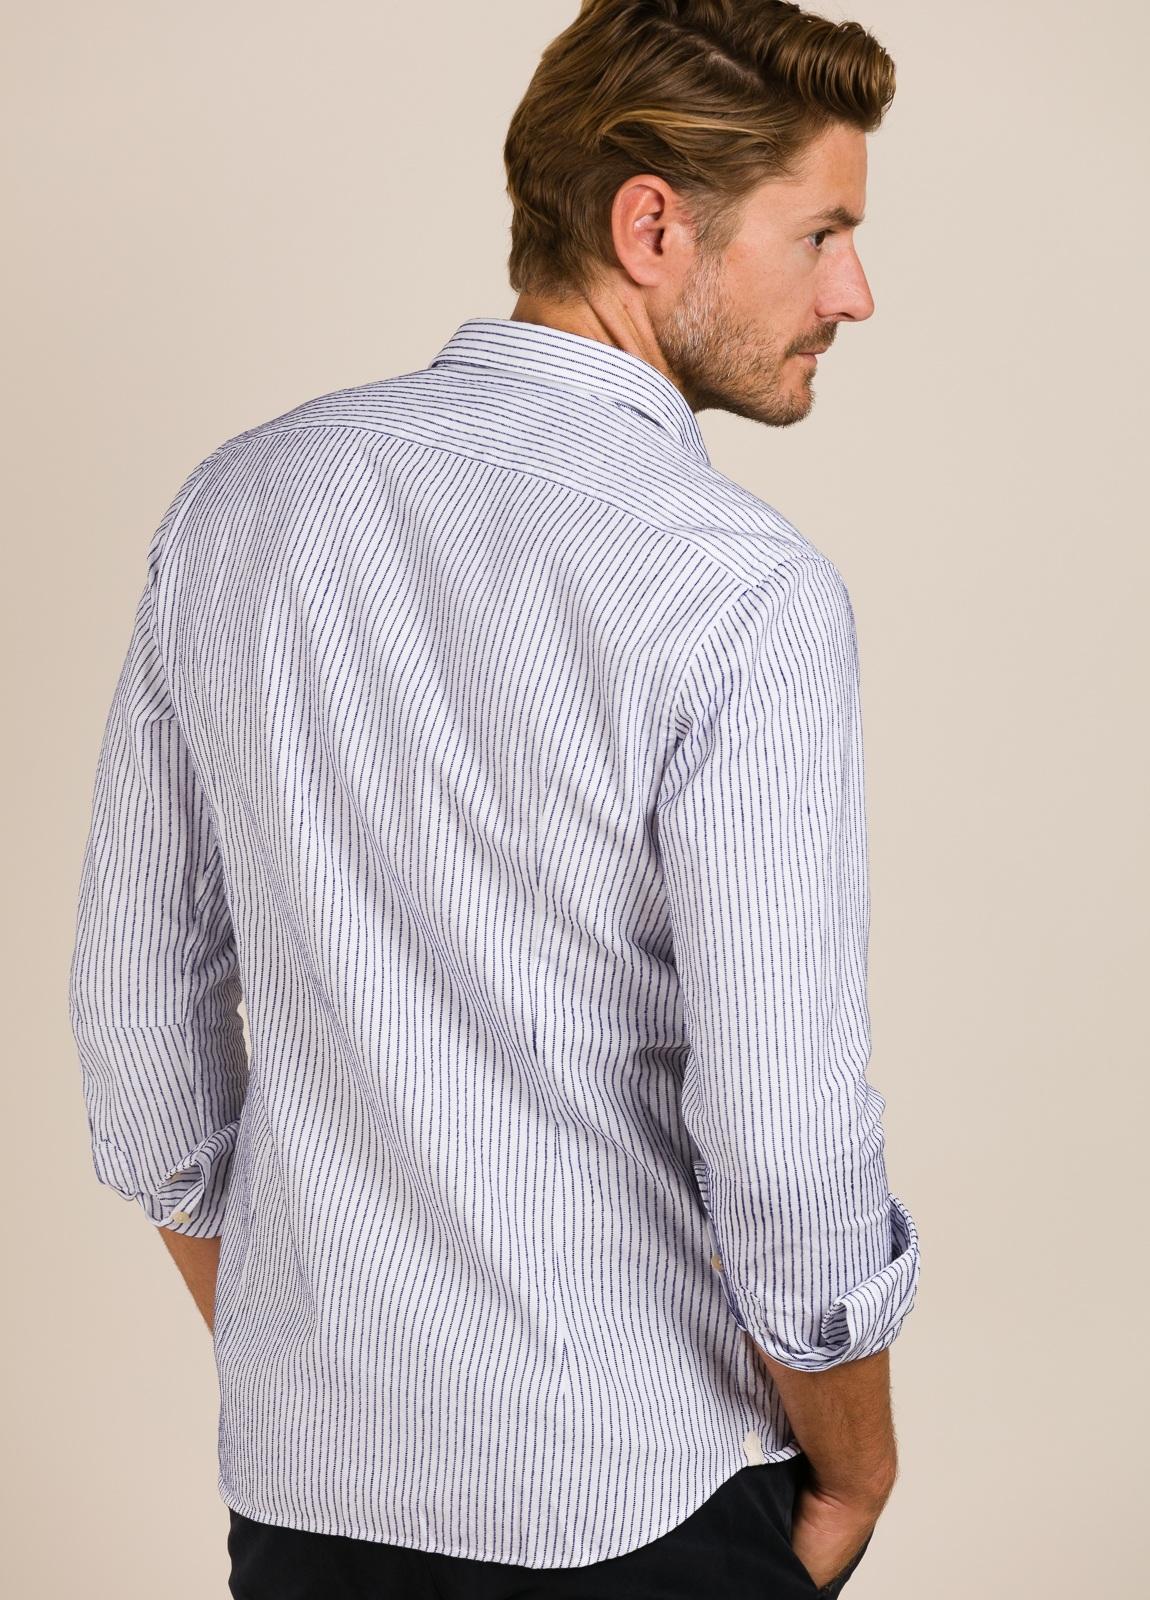 Camisa sport TINTORIA MATEI rayas azules - Ítem2